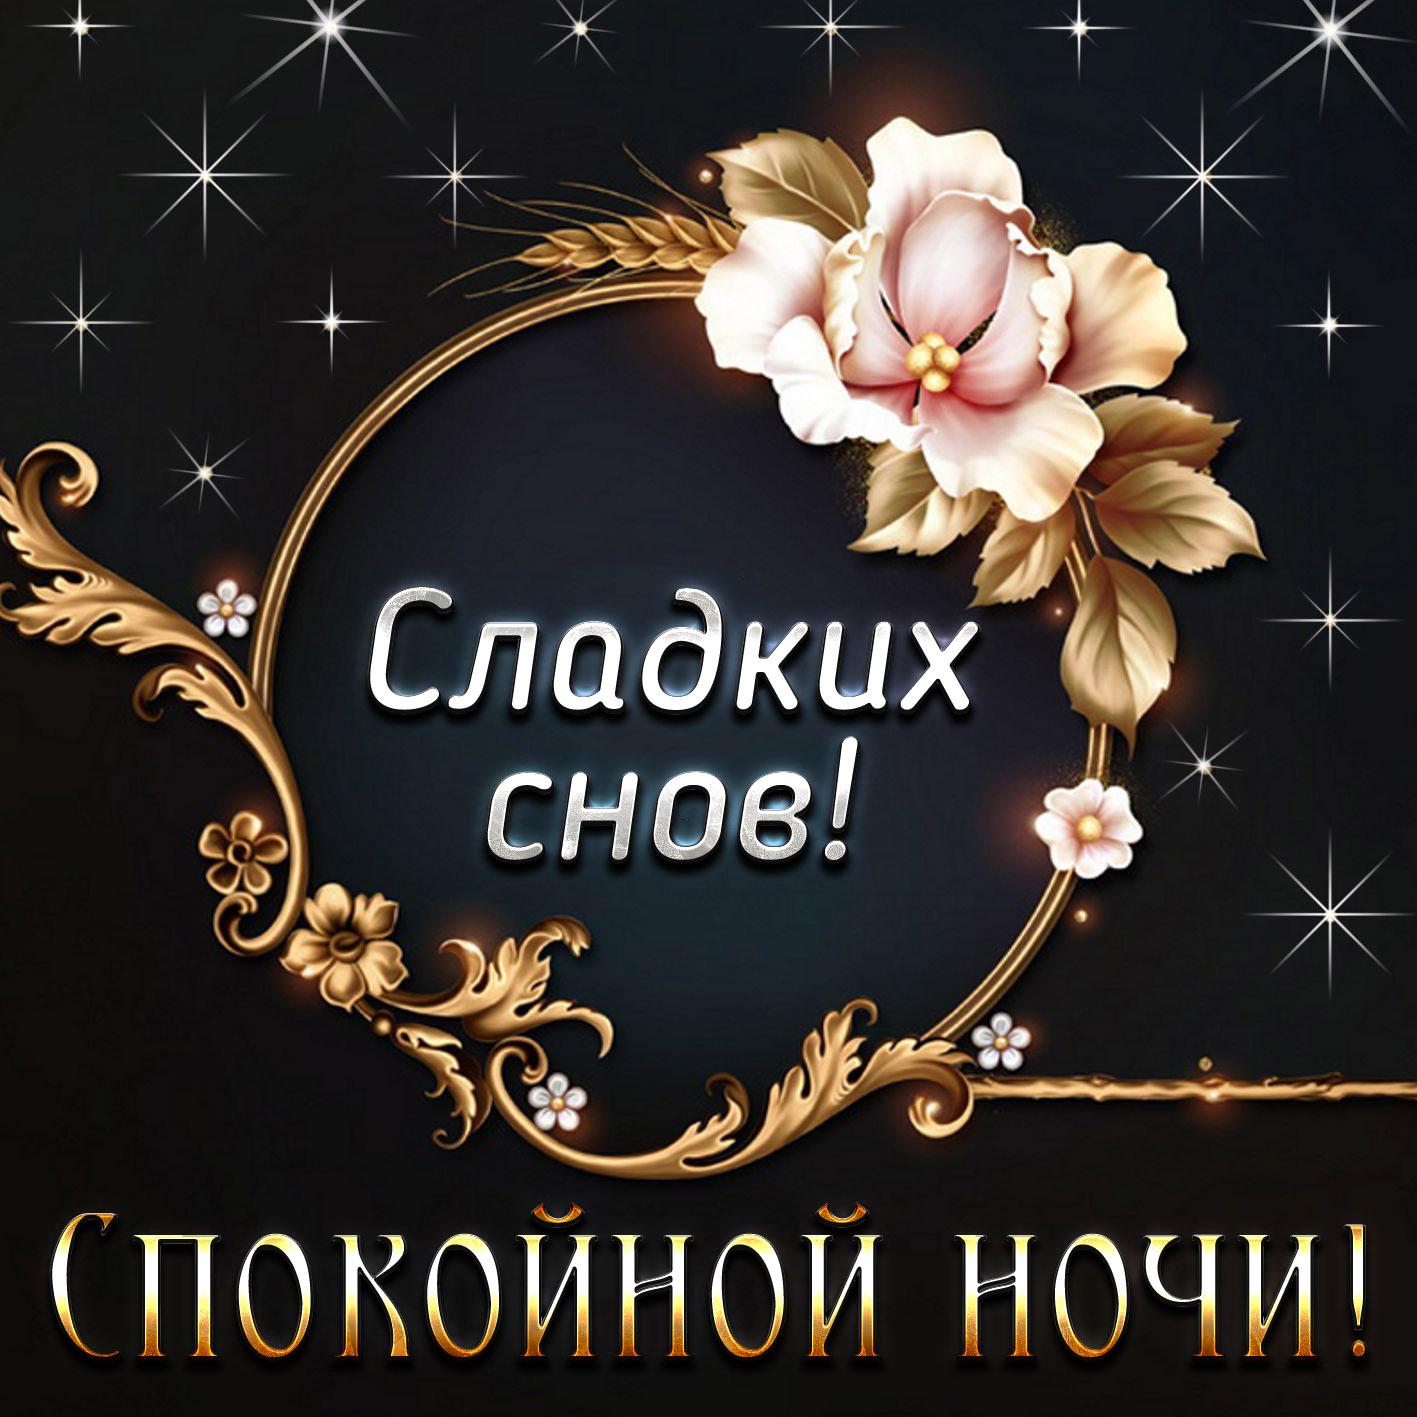 всякого сомнения восточные пожелания доброй ночи некоторых